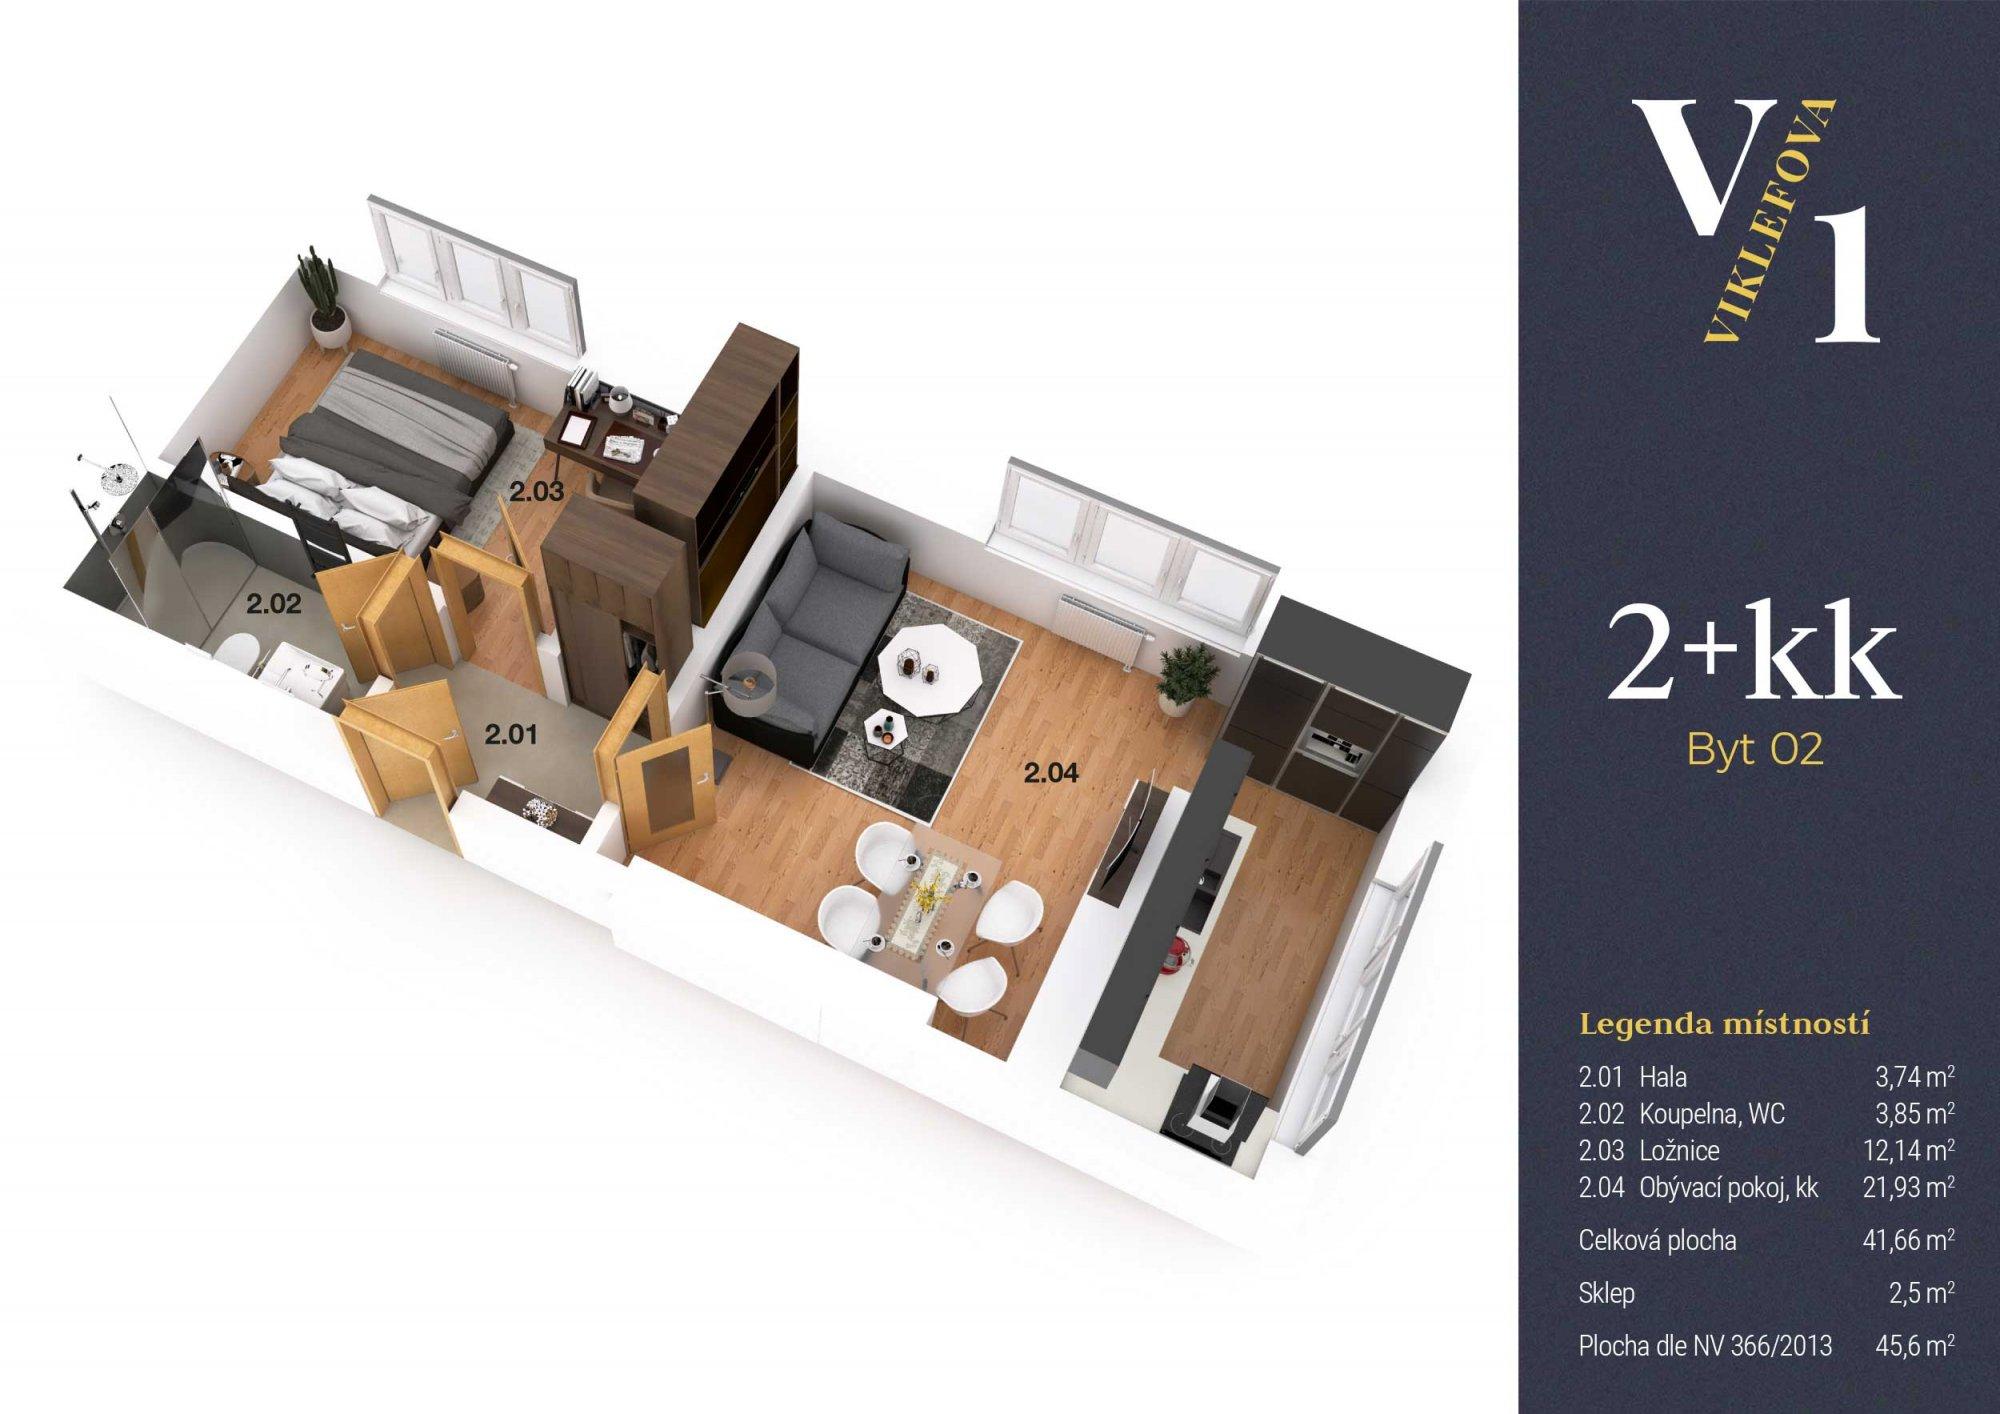 Půdorys - Půdní byt 2+kk, plocha 46 m², ulice Viklefova, Praha 8 - Žižkov